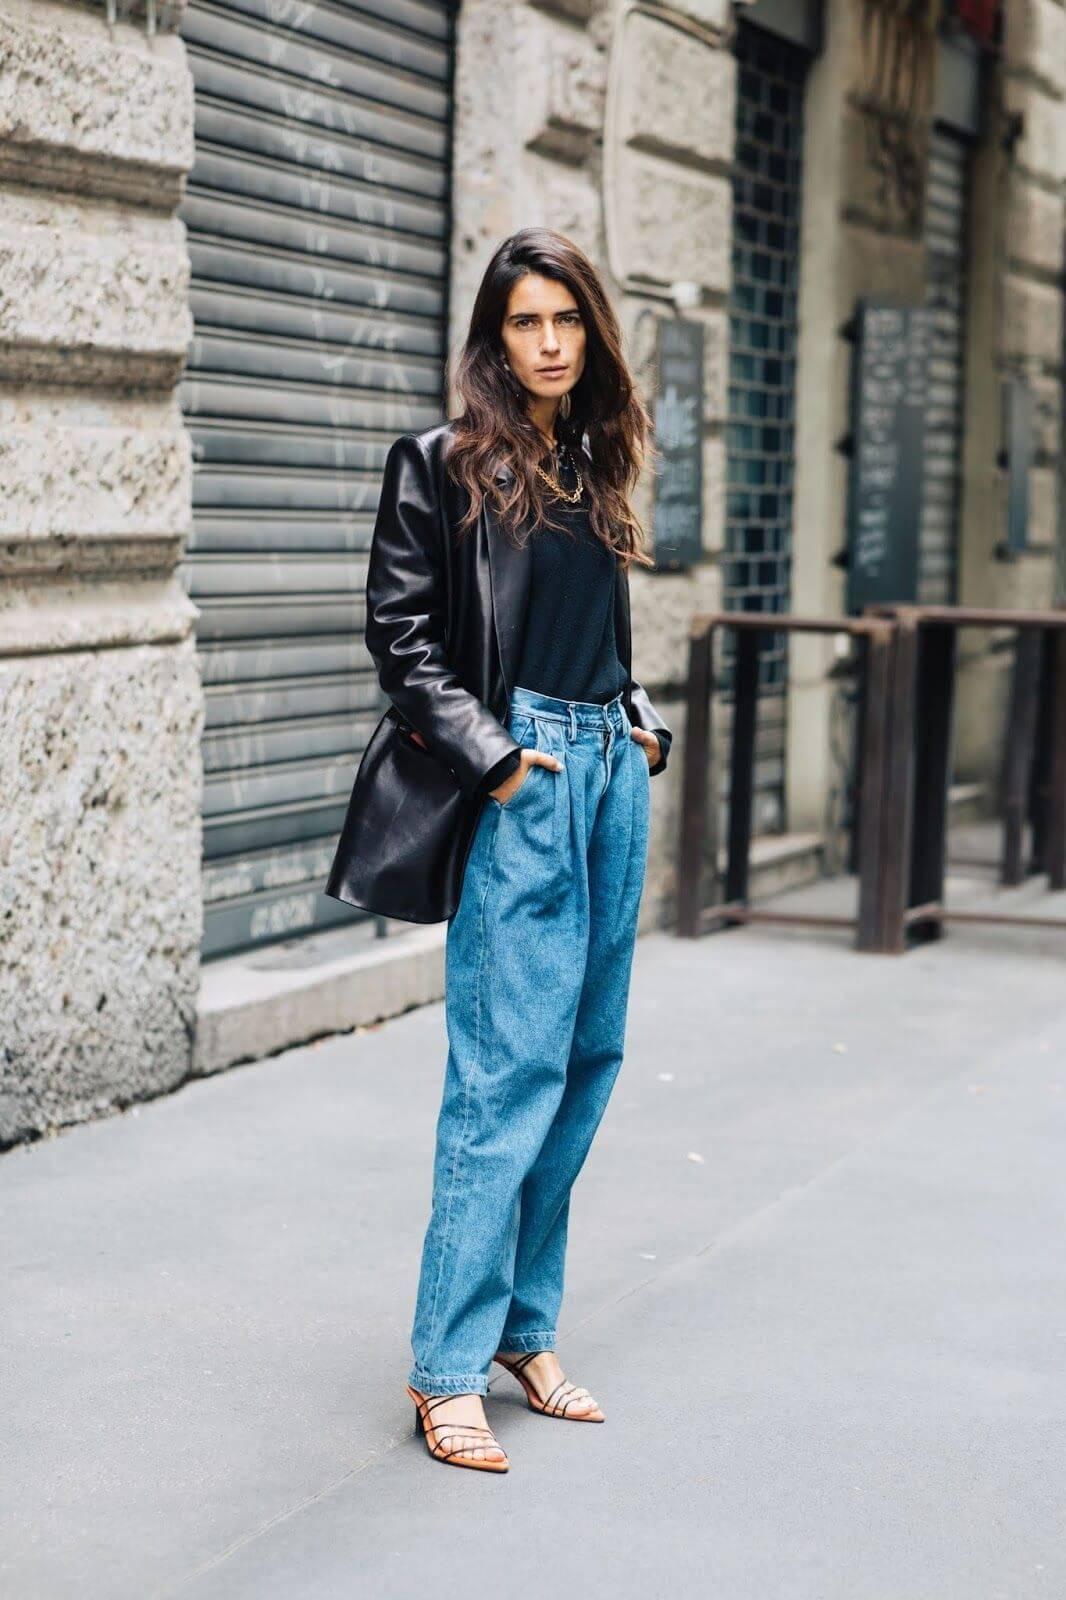 джинсы слоучи с кожаной курткой